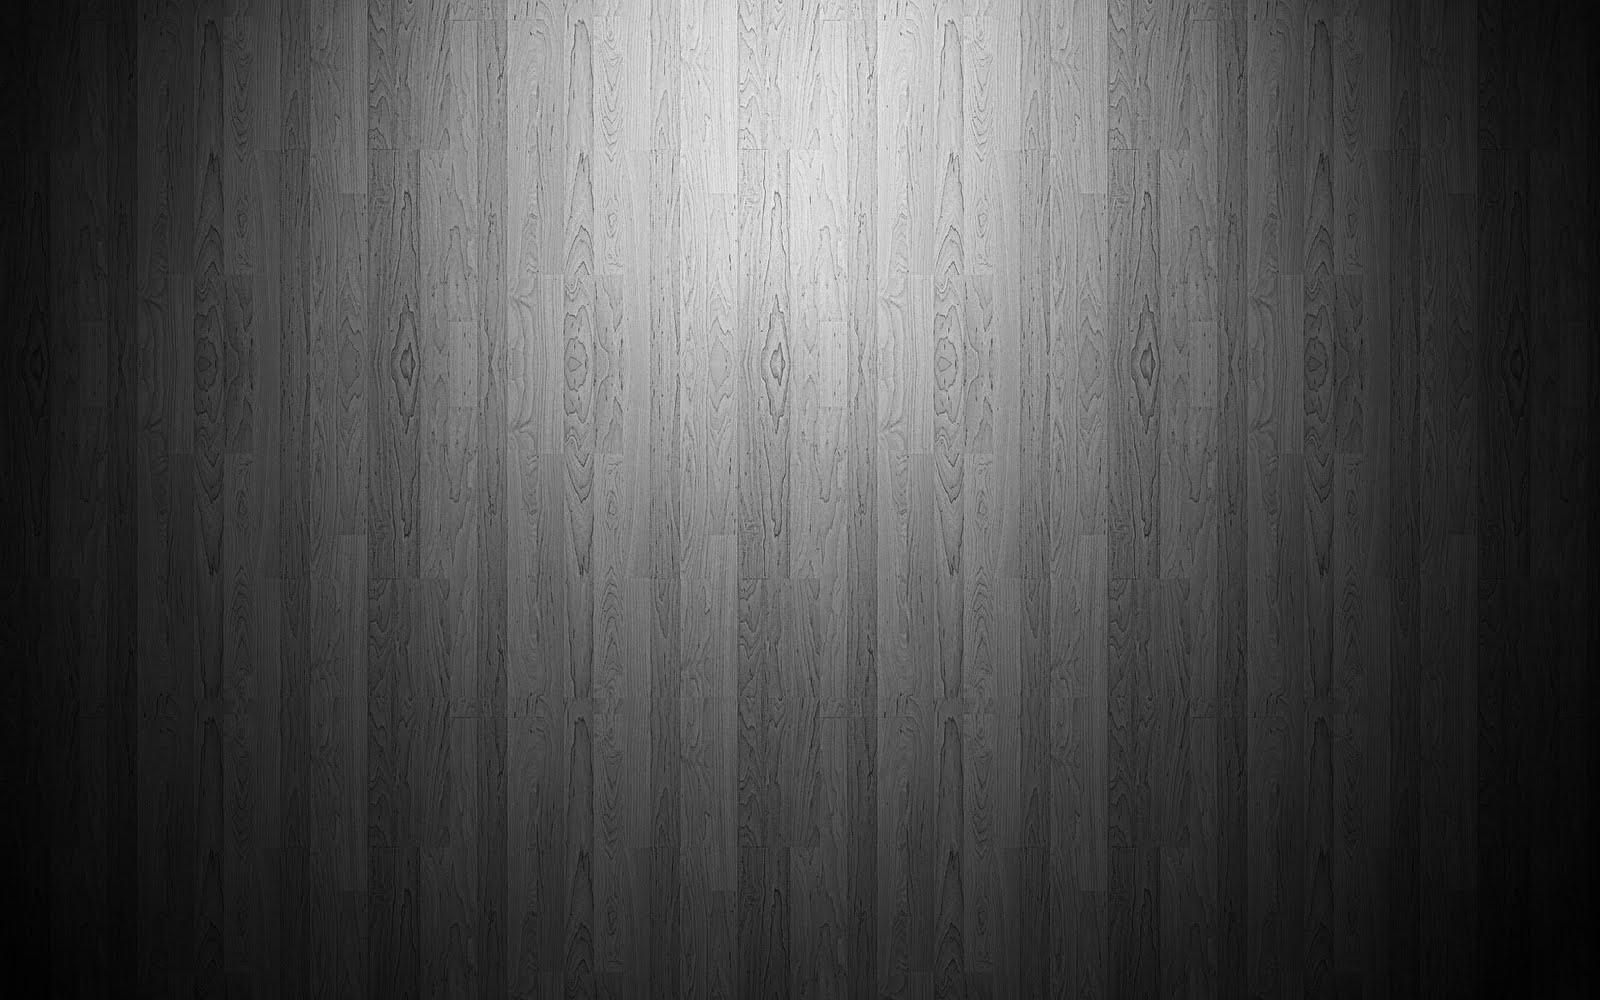 1920x1200 hd wallpaper dark wood - photo #10